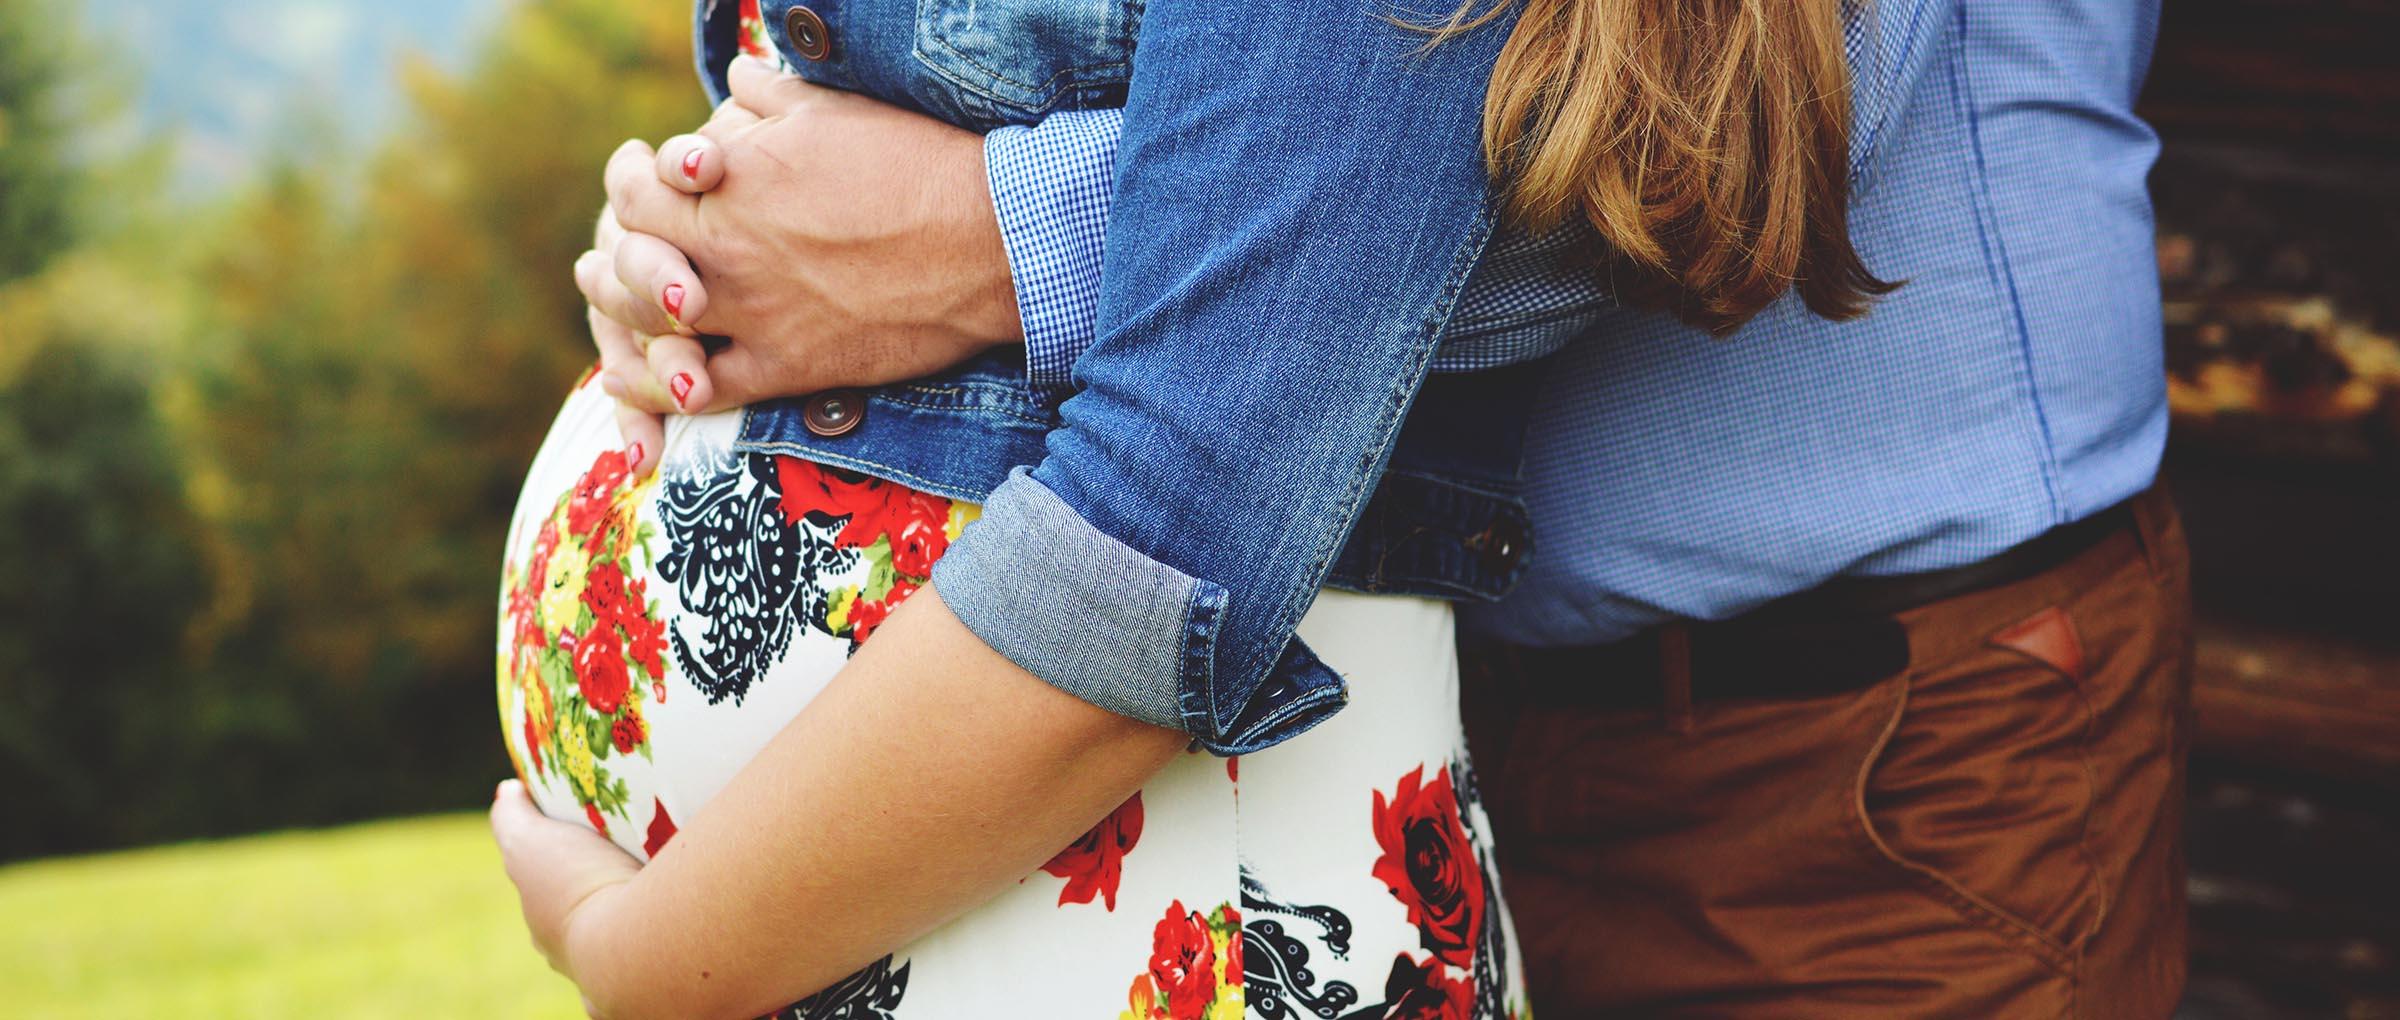 Mit Hypospermie schwanger werden